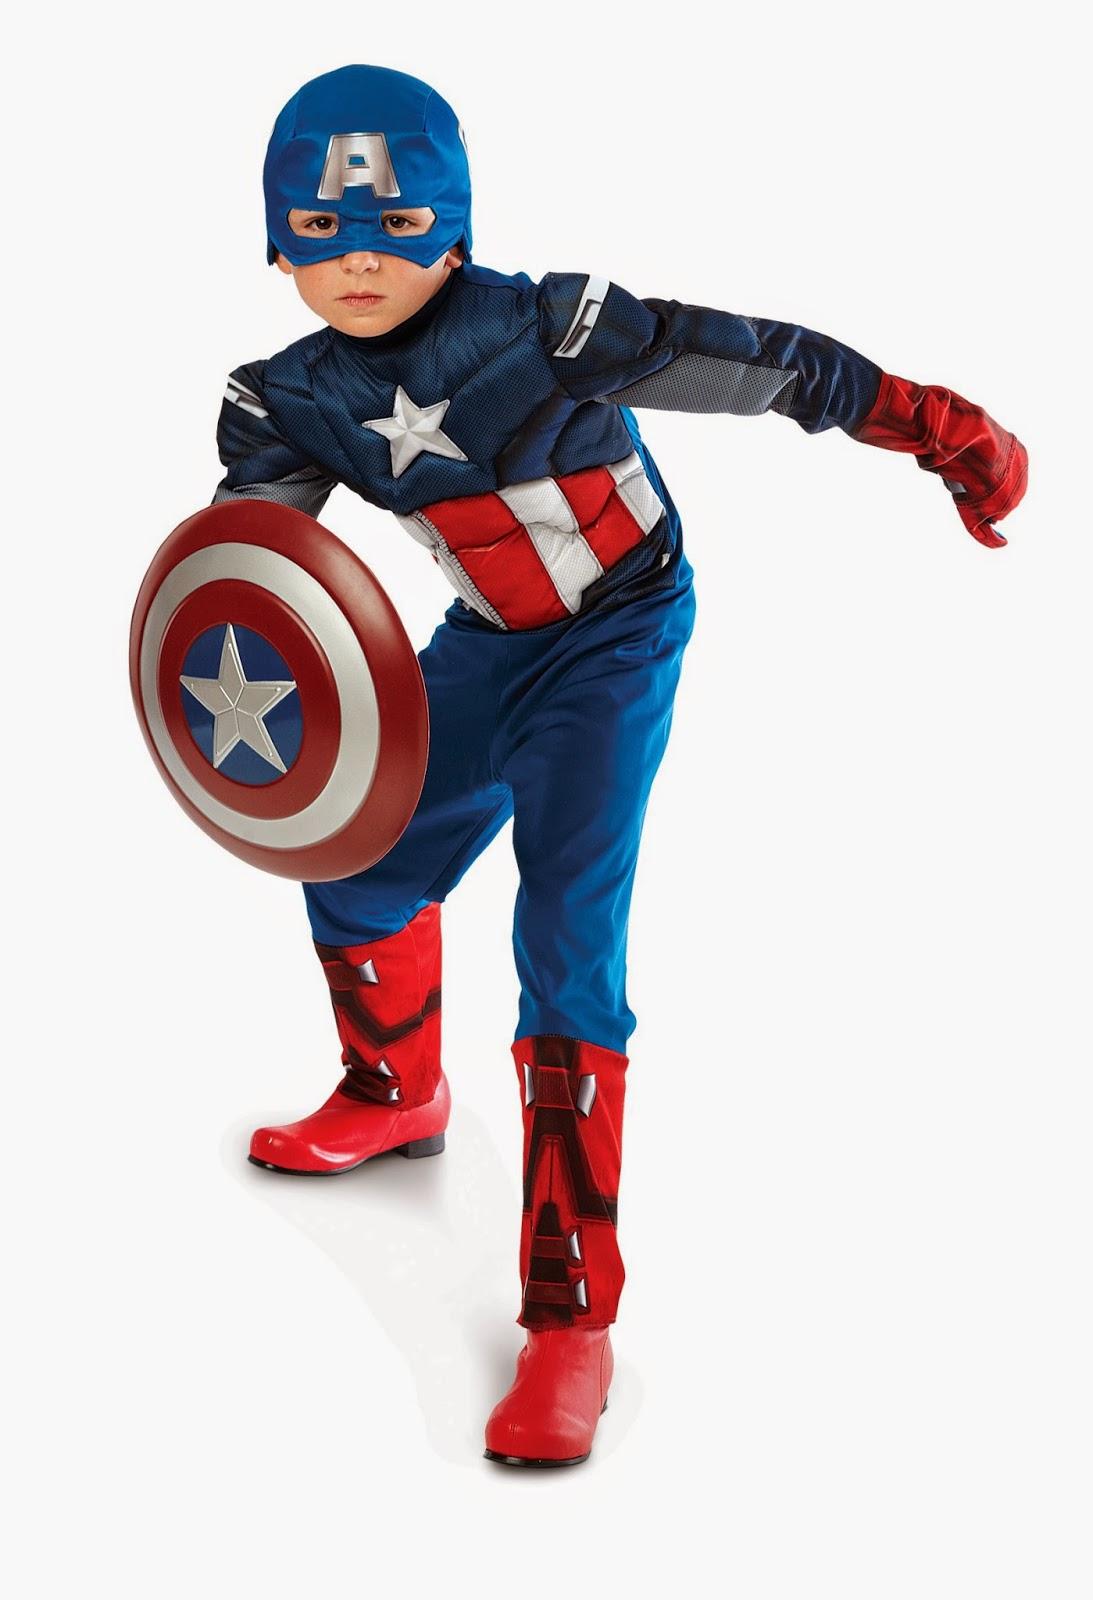 Capt America Kids Costume